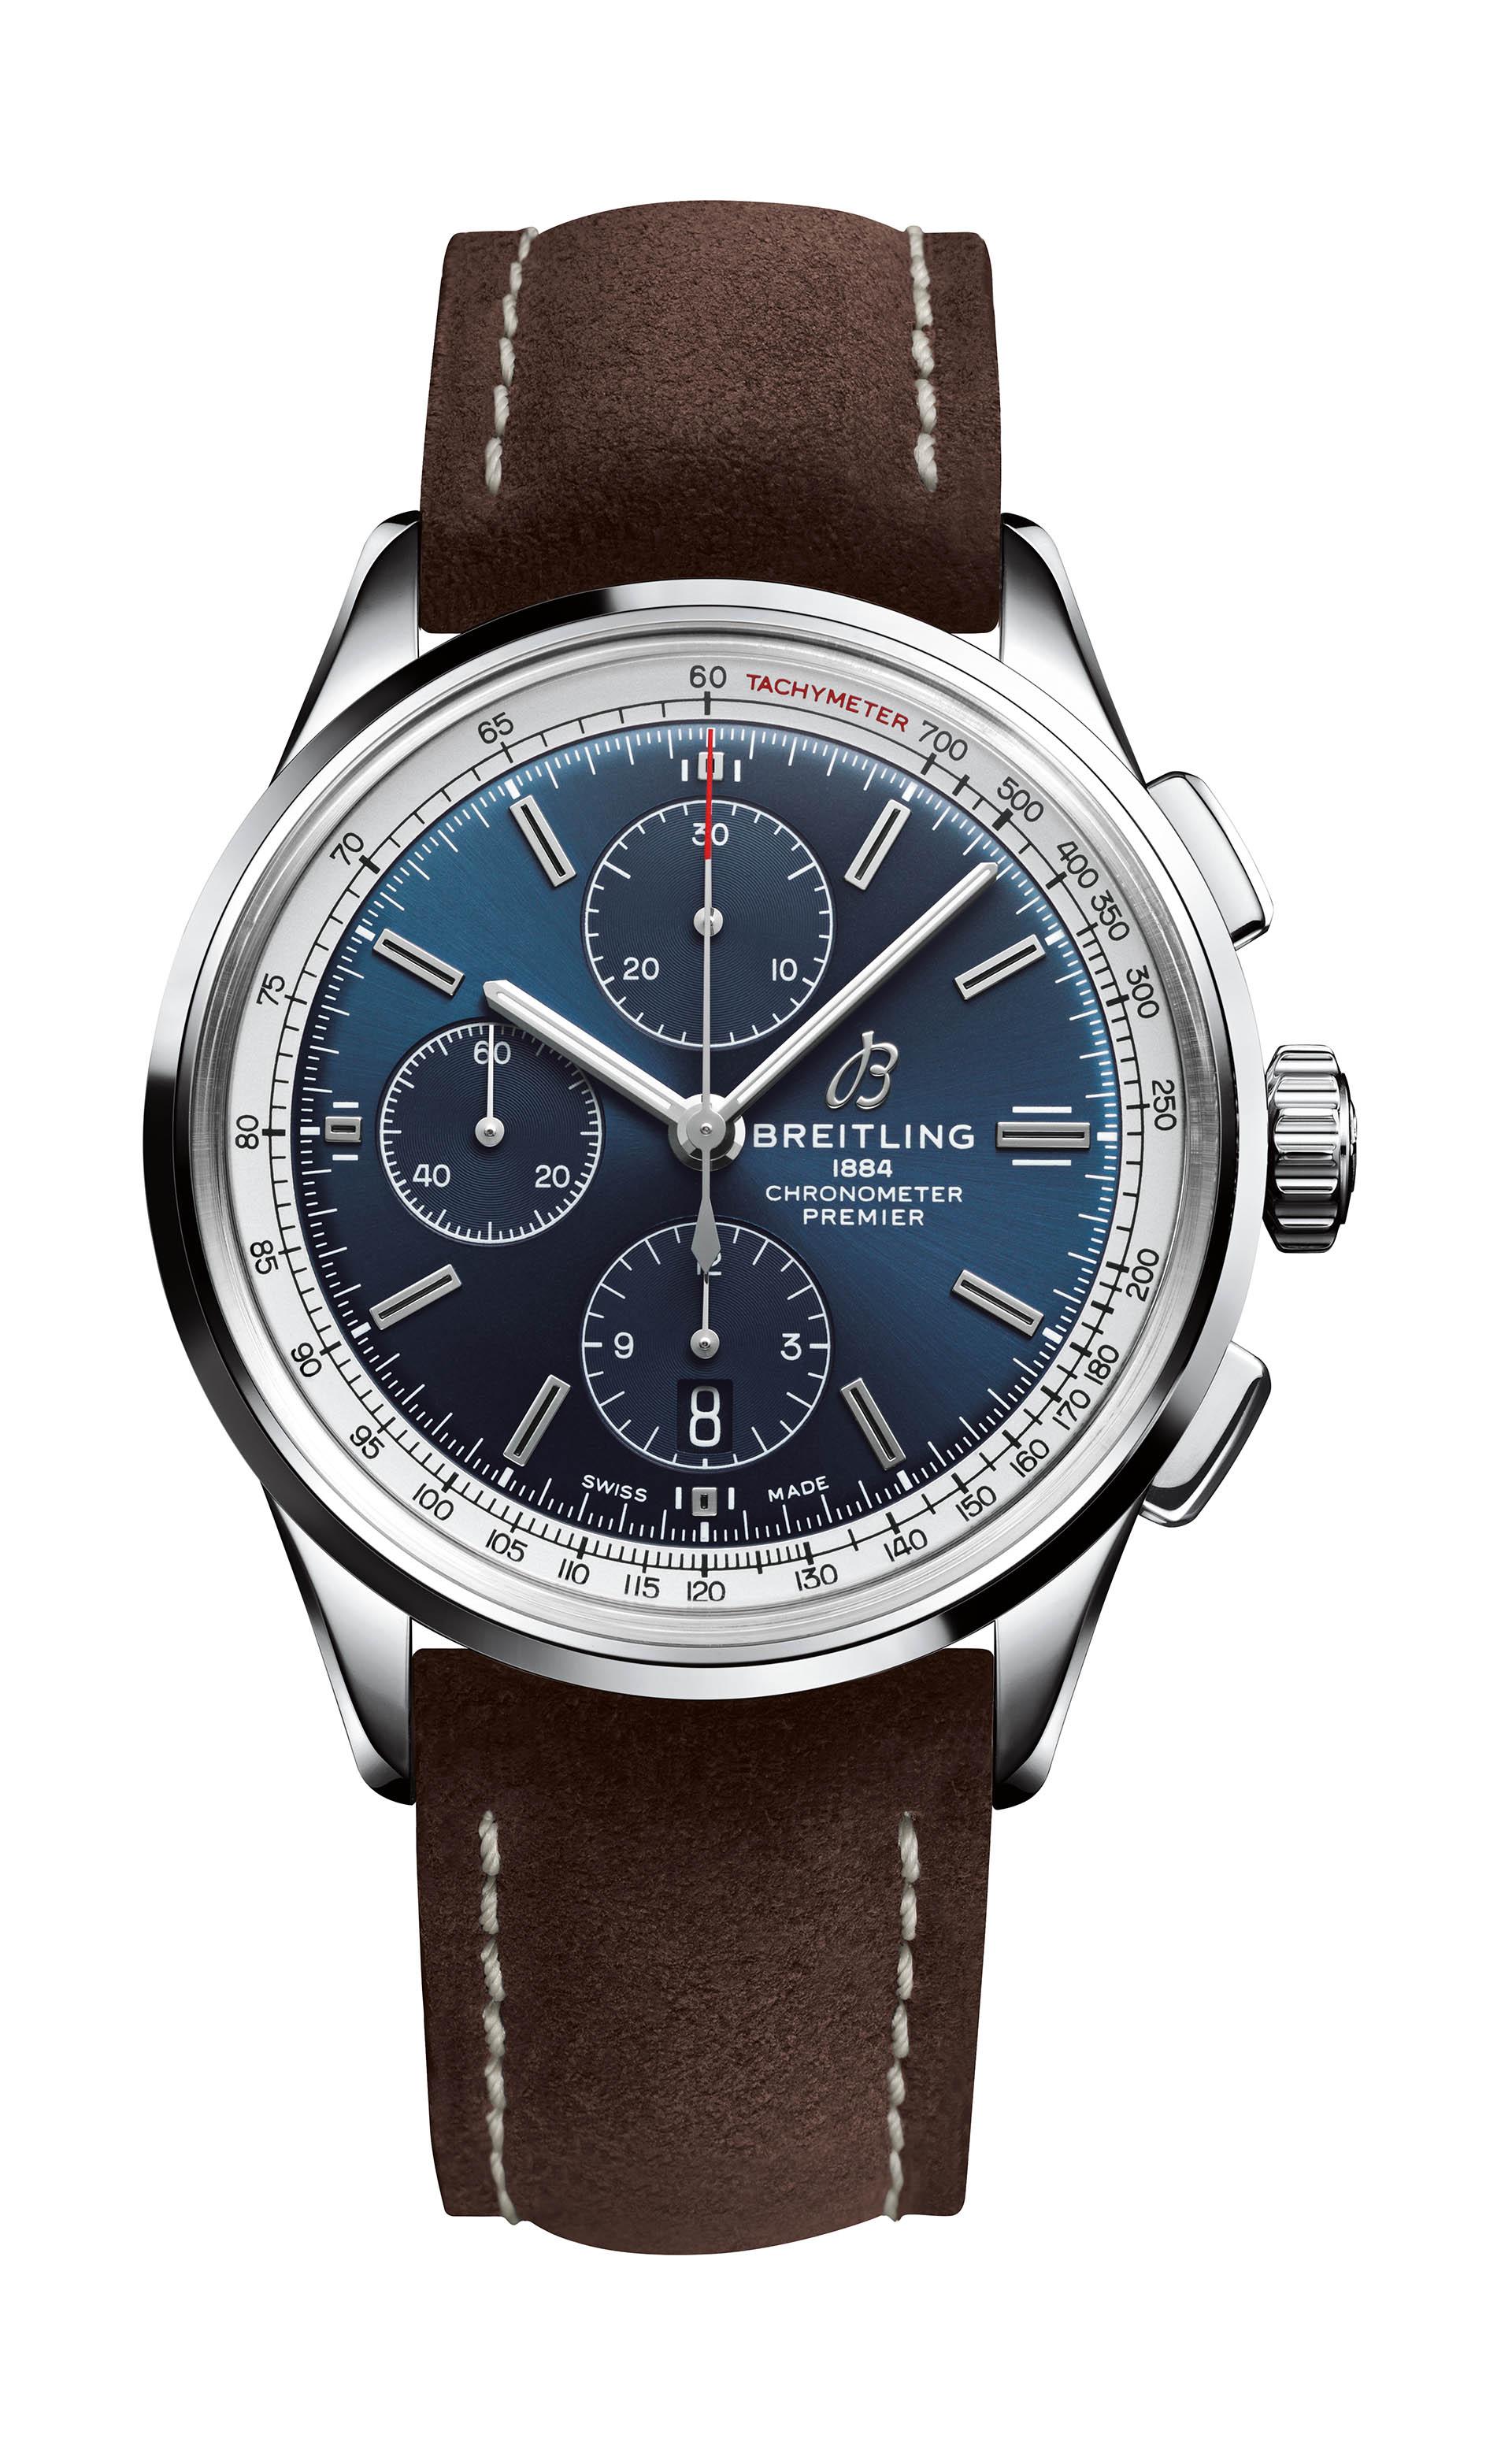 Breitling Premier Chronograph 42 mit Valjoux-Werk